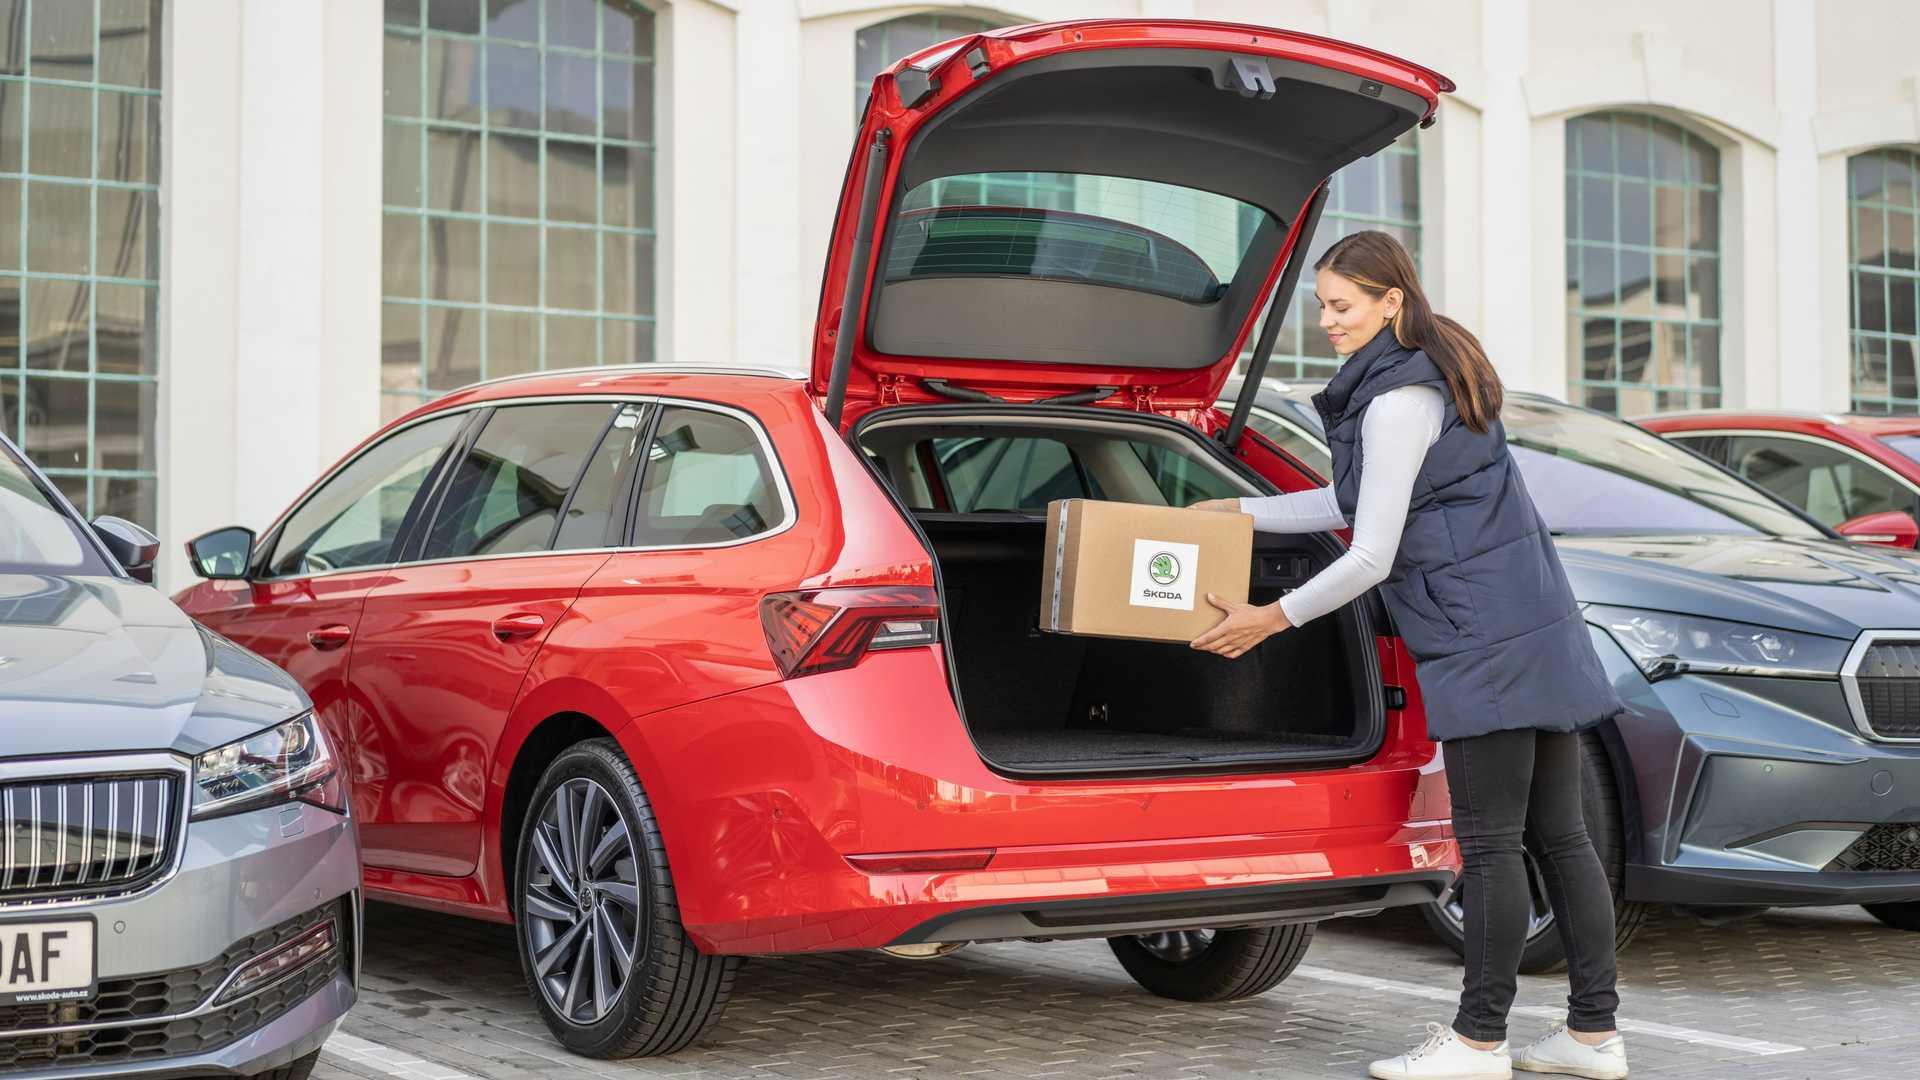 https://cdn.motor1.com/images/mgl/qAKvL/s6/nuovo-servizio-car-access-per-la-consegna-pacchi.jpg